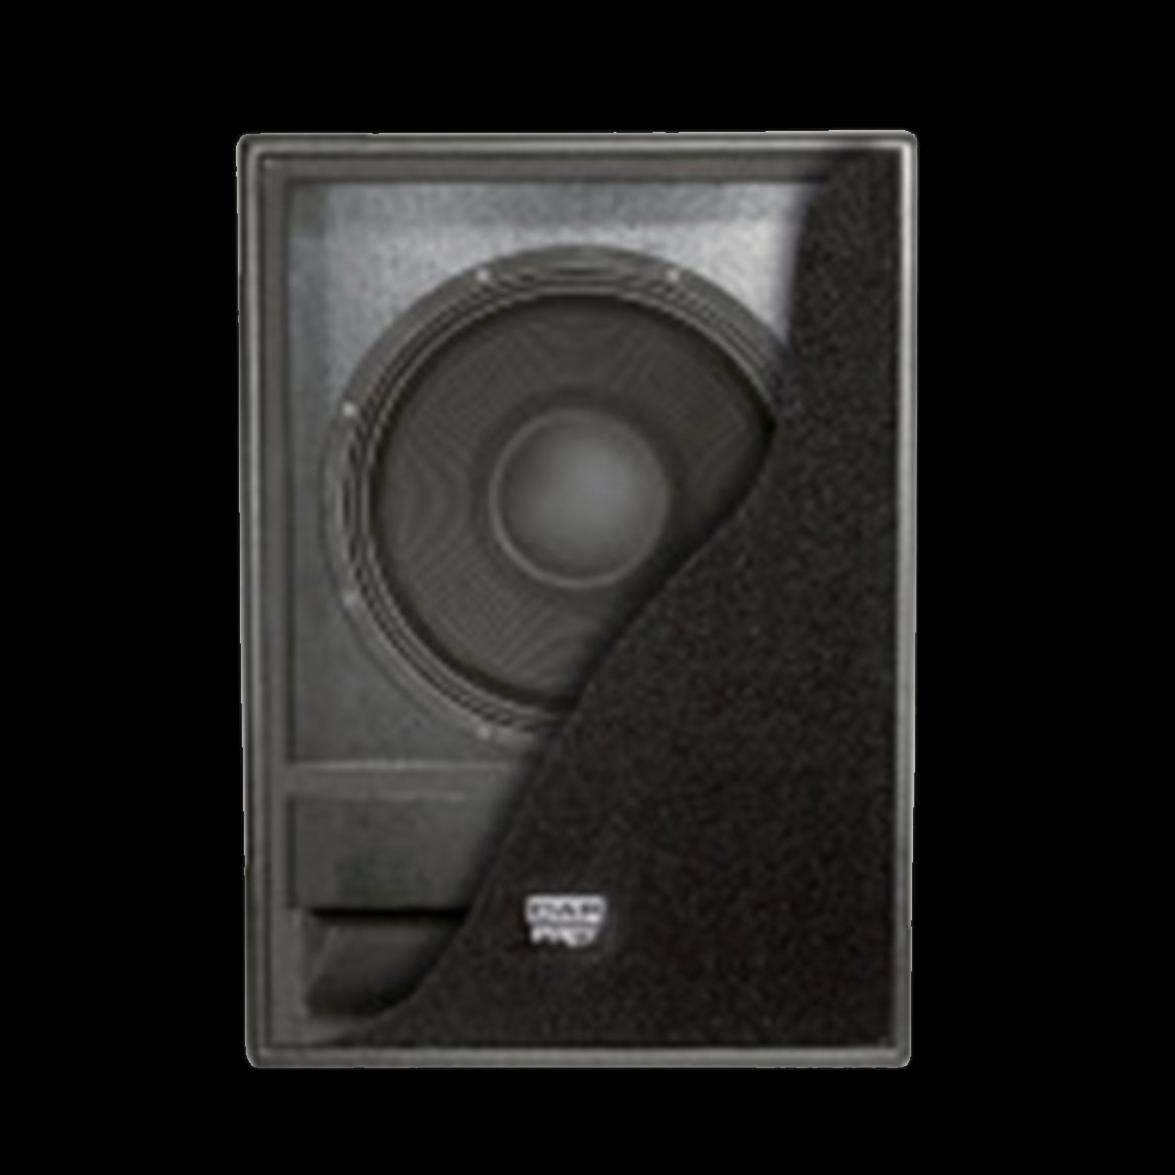 dap high grade x15 b luidsprekerhoes grille voor strongline